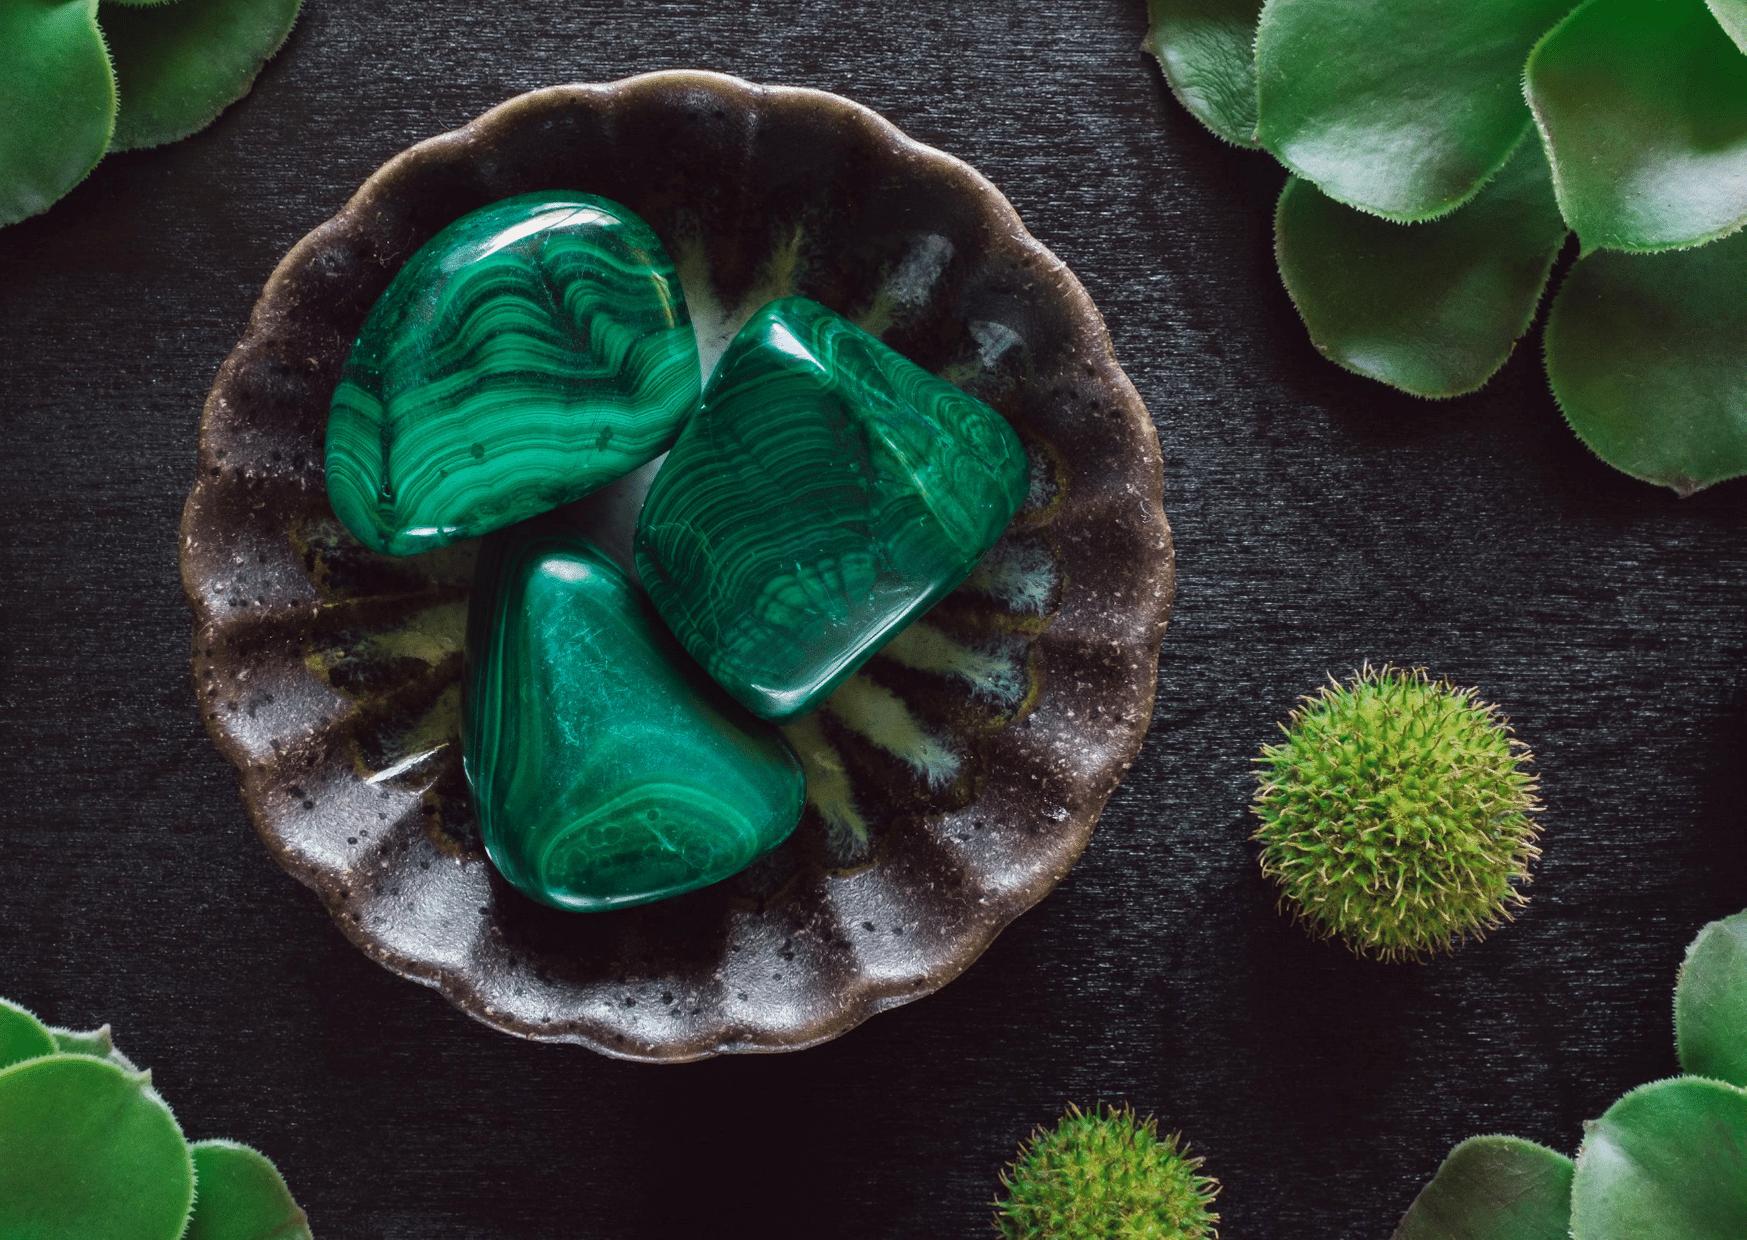 pierres malachite dans bol marron entouré de feuilles pierre verte